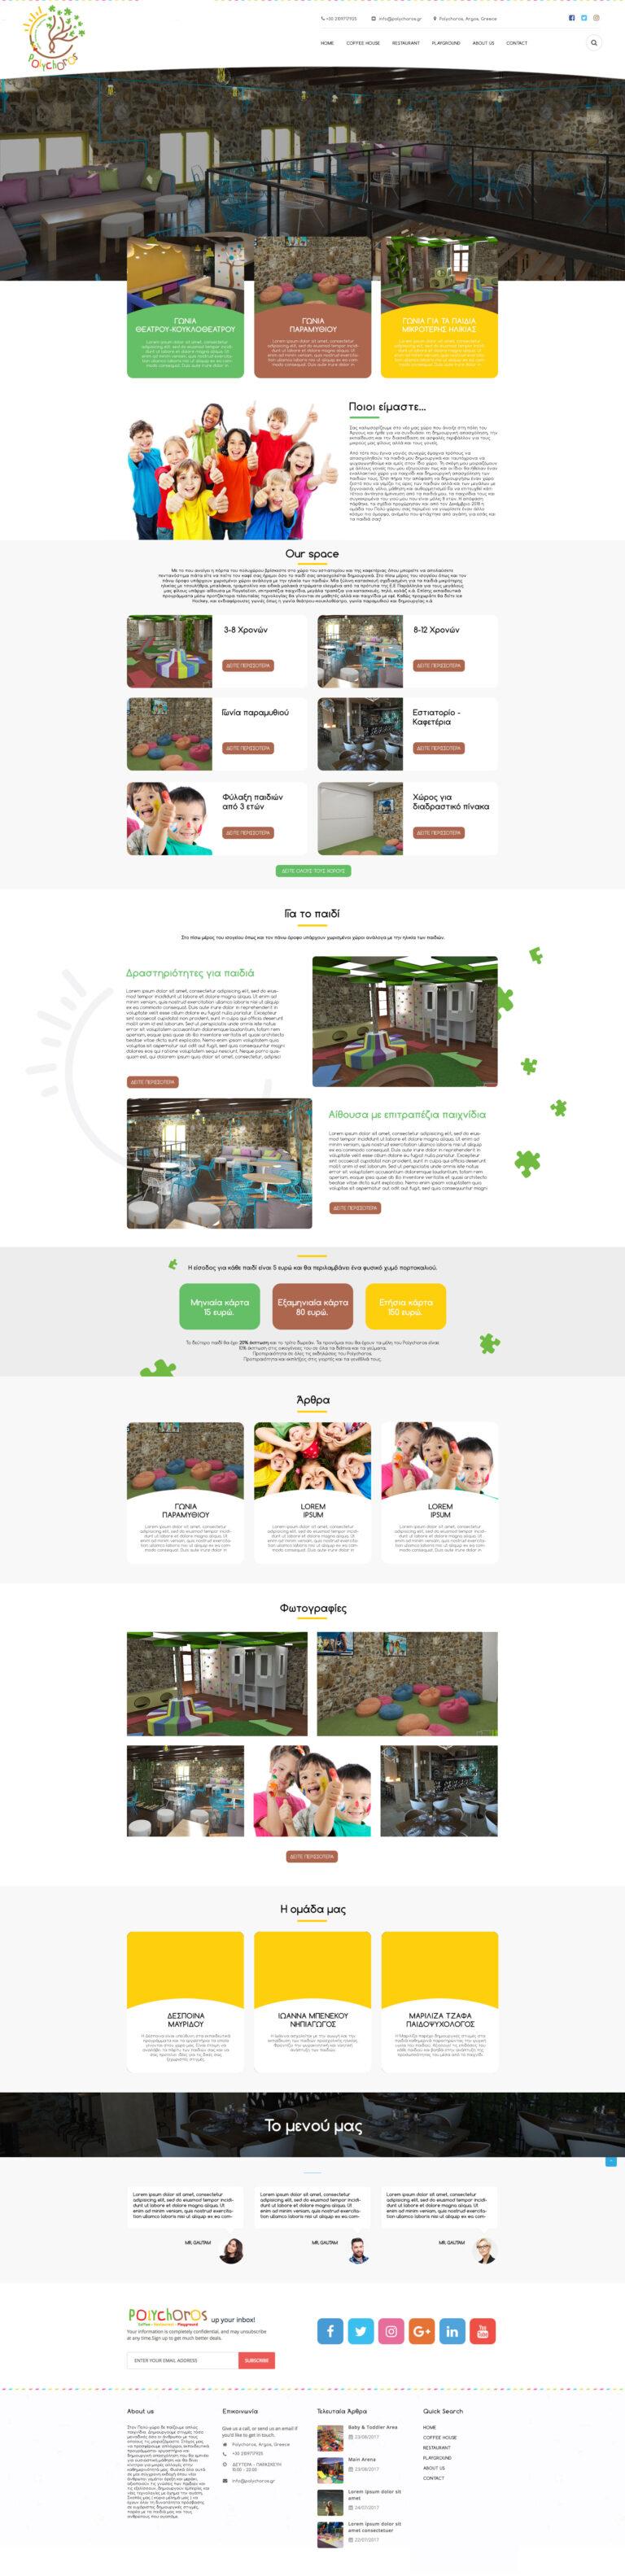 Κατασκευή ιστοσελίδας κέντρου Δημιουργικής Απασχόλησης